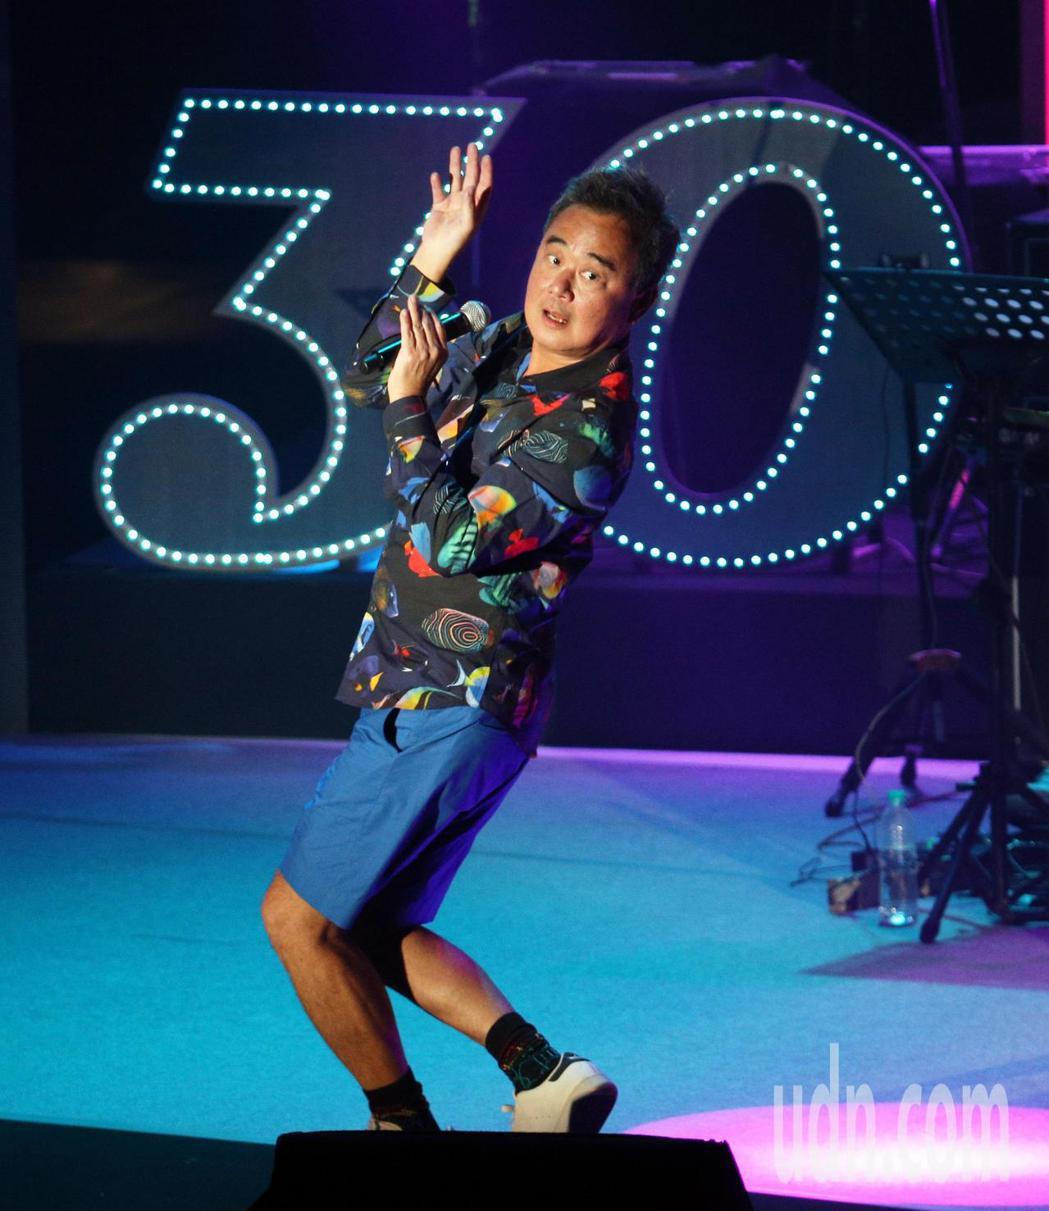 陳昇今晚在高雄舉辦30周年巡演「華人公寓」首站,他陸續帶來多首耳熟能詳歌曲,招牌...